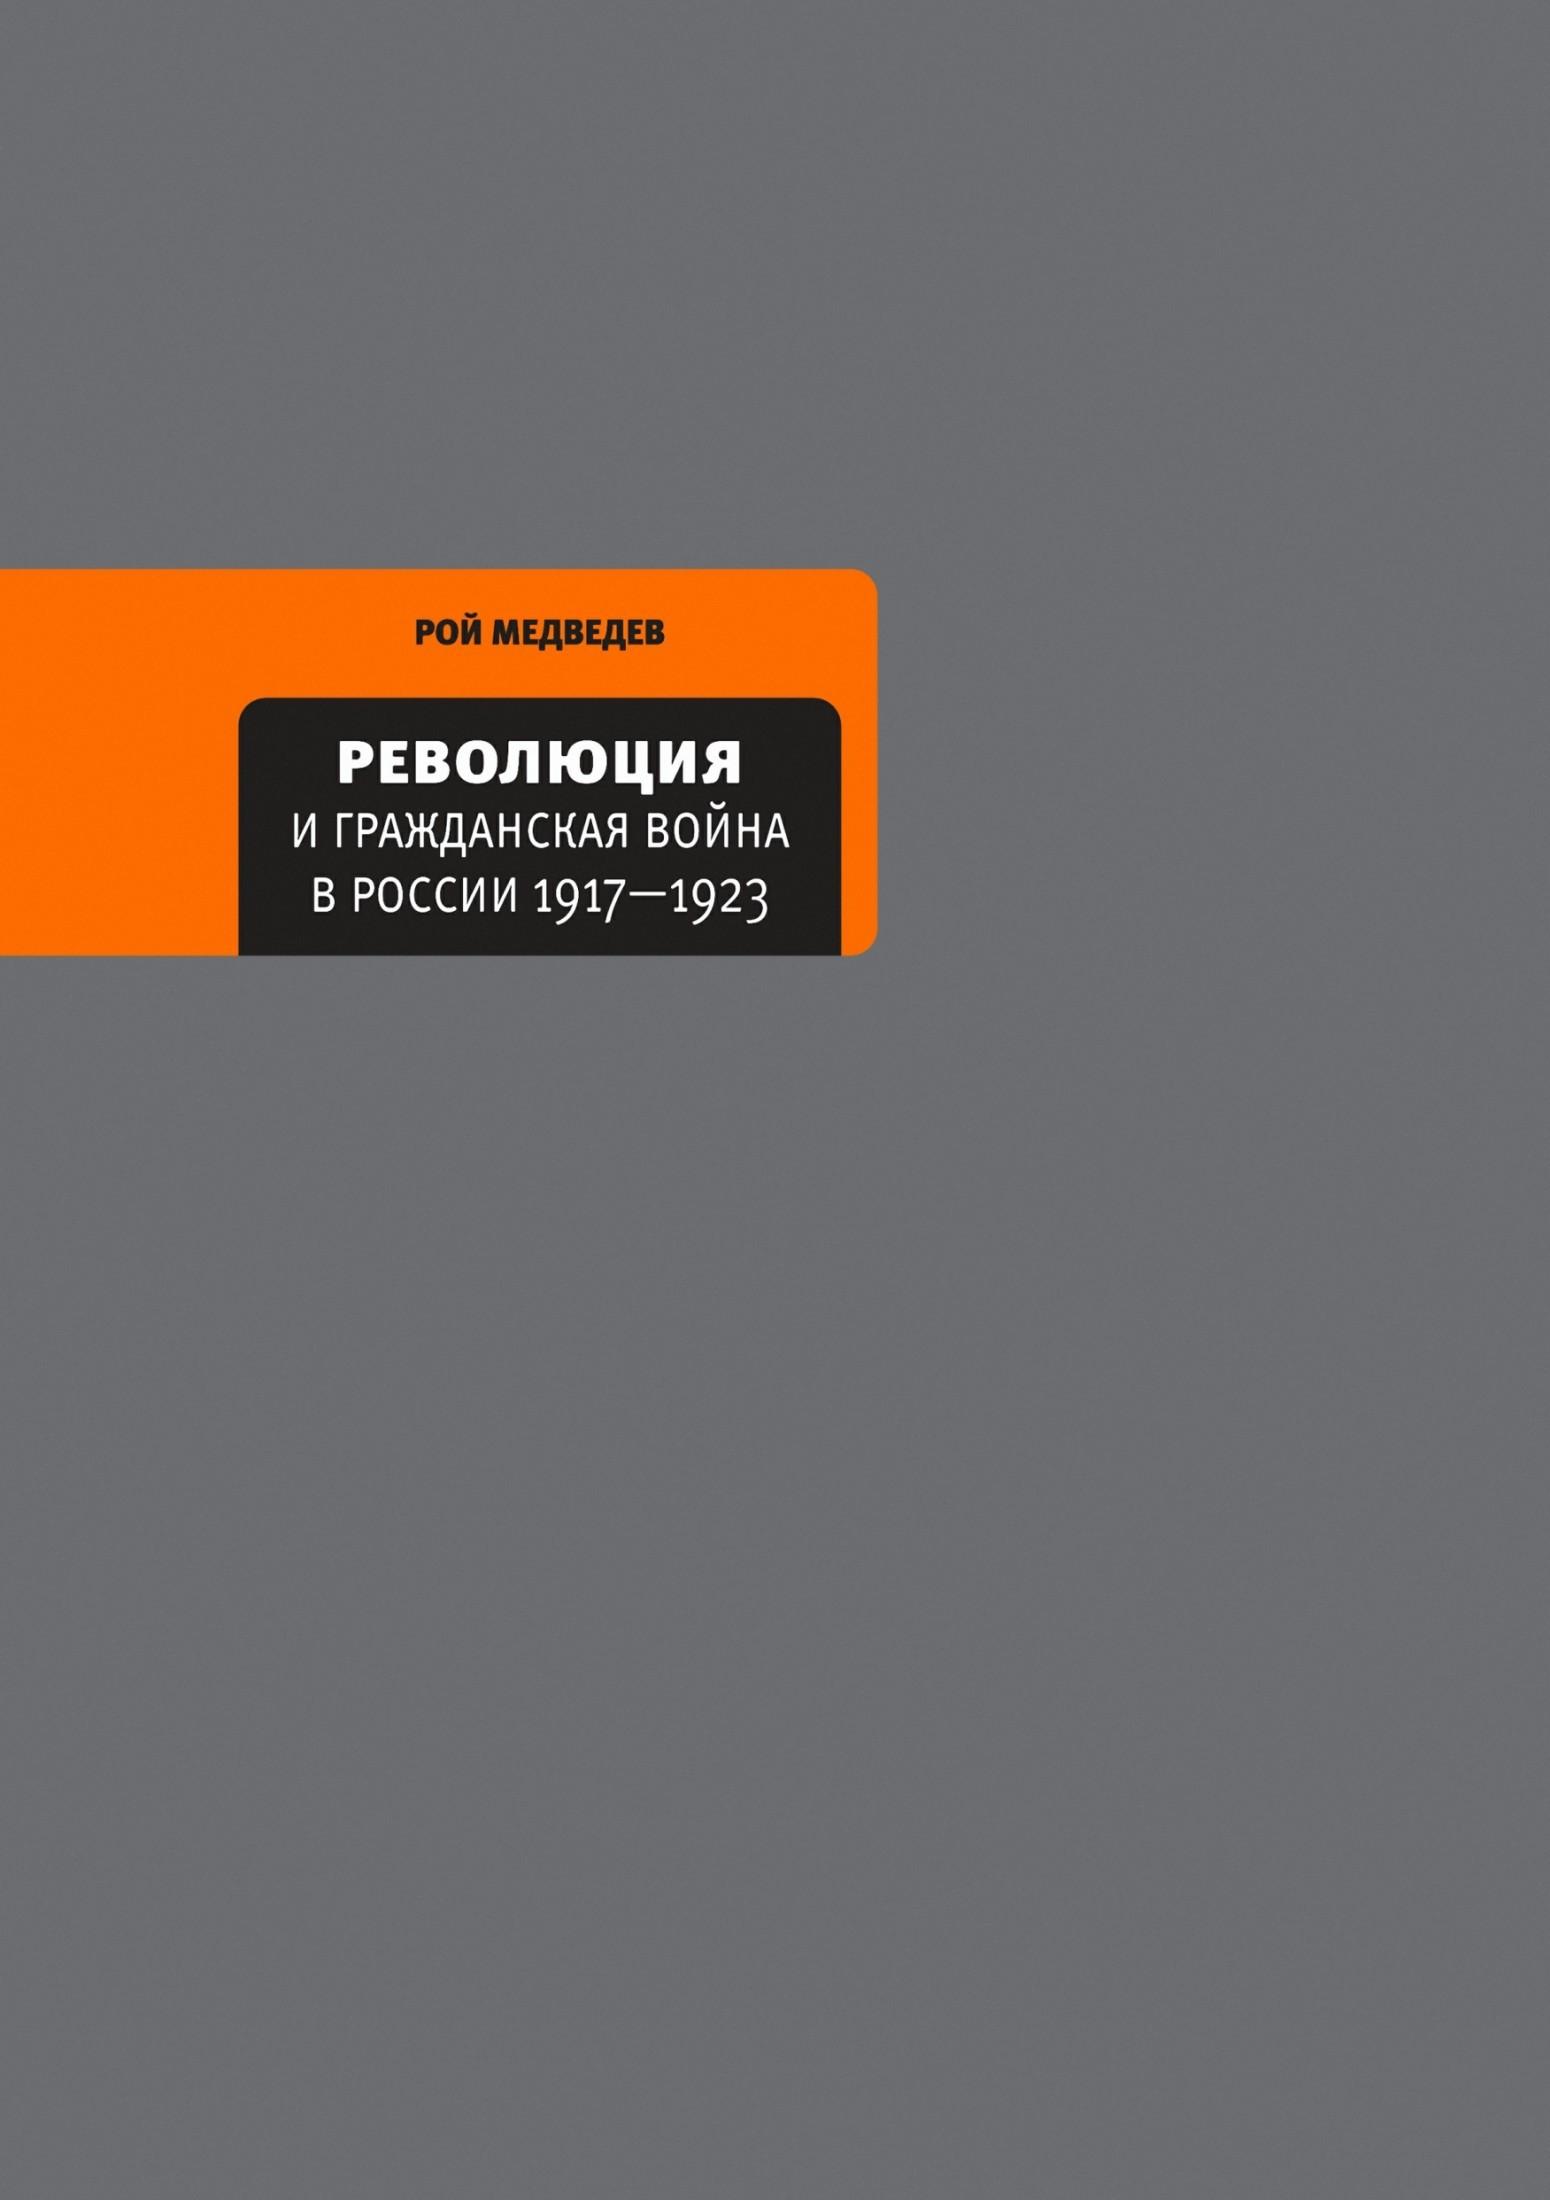 Рой Александрович Медведев Революция и Гражданская война в России 1917—1922 контимирова л сост каталог банкнот россии периода гражданской войны 1917 1922 годов